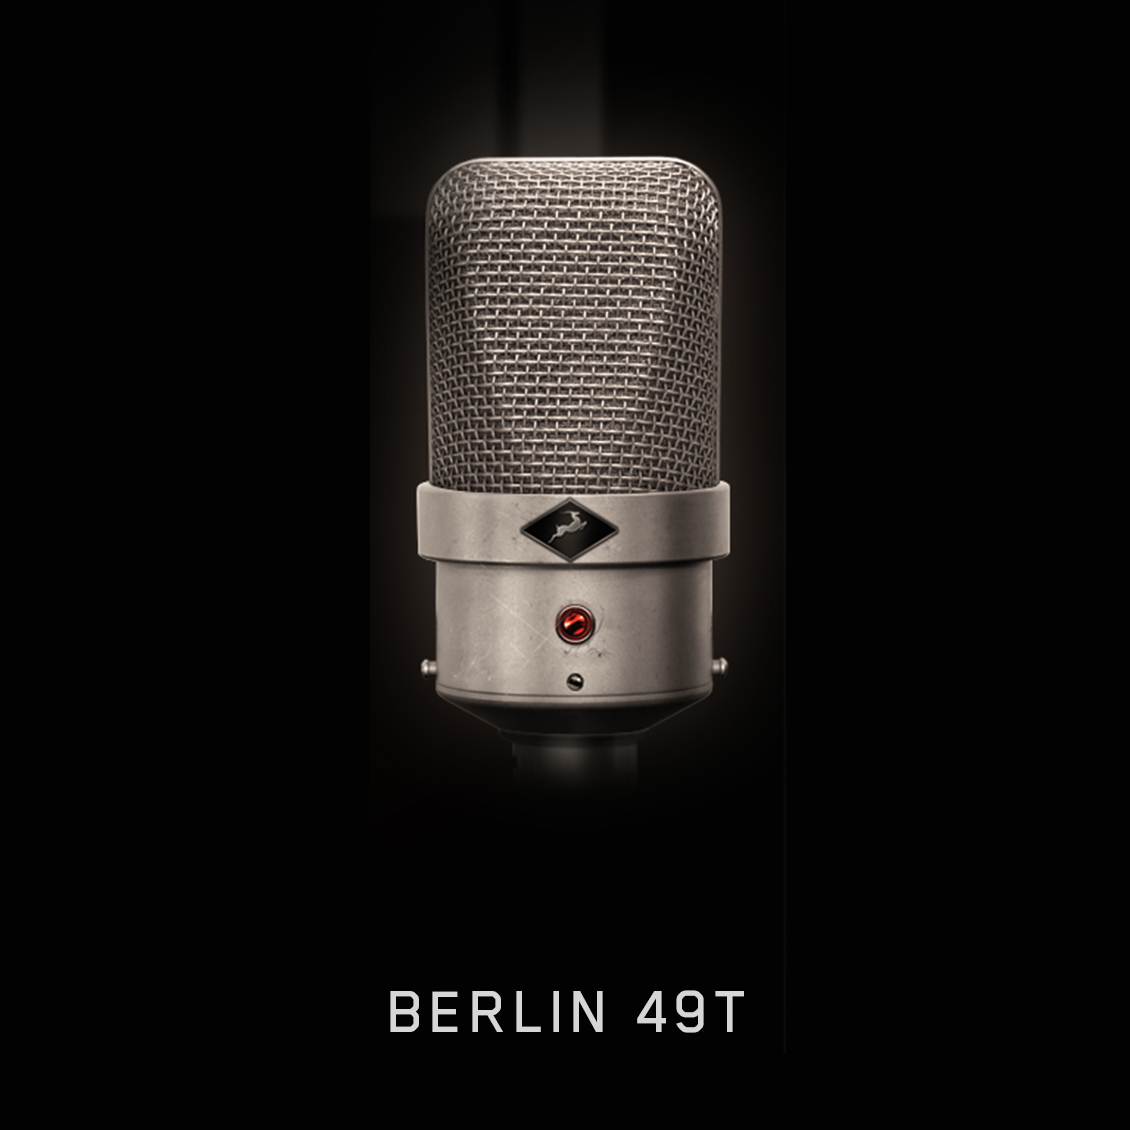 Berlin 49T